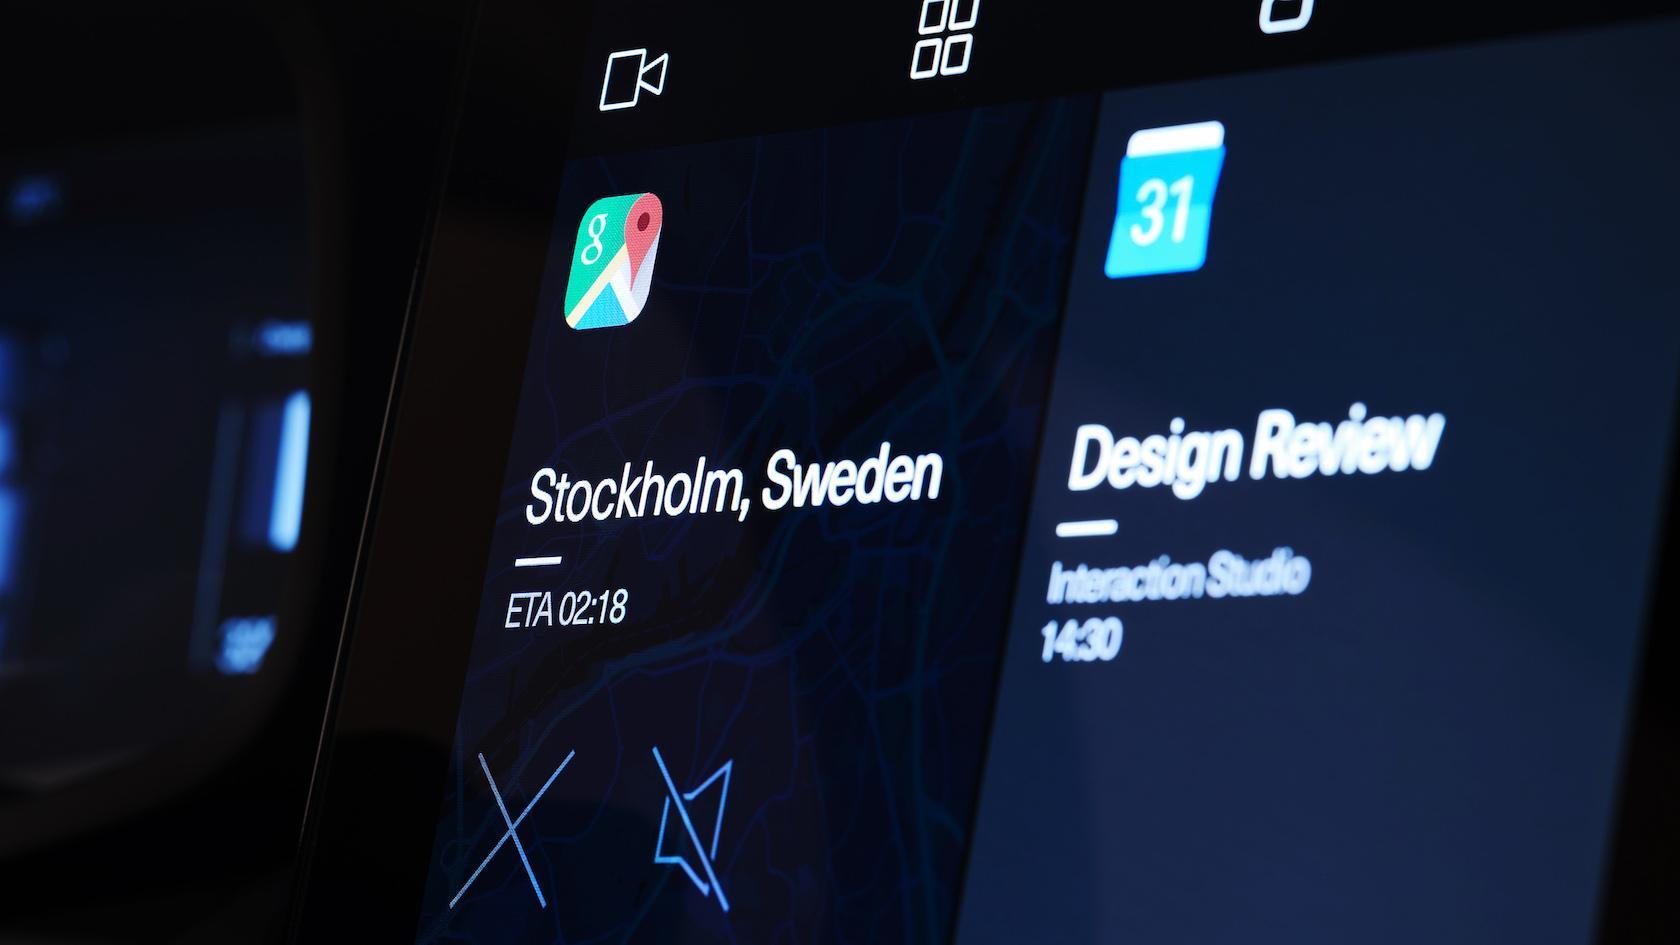 Revelado o painel do Polestar 2 com Android - e uma surpresa